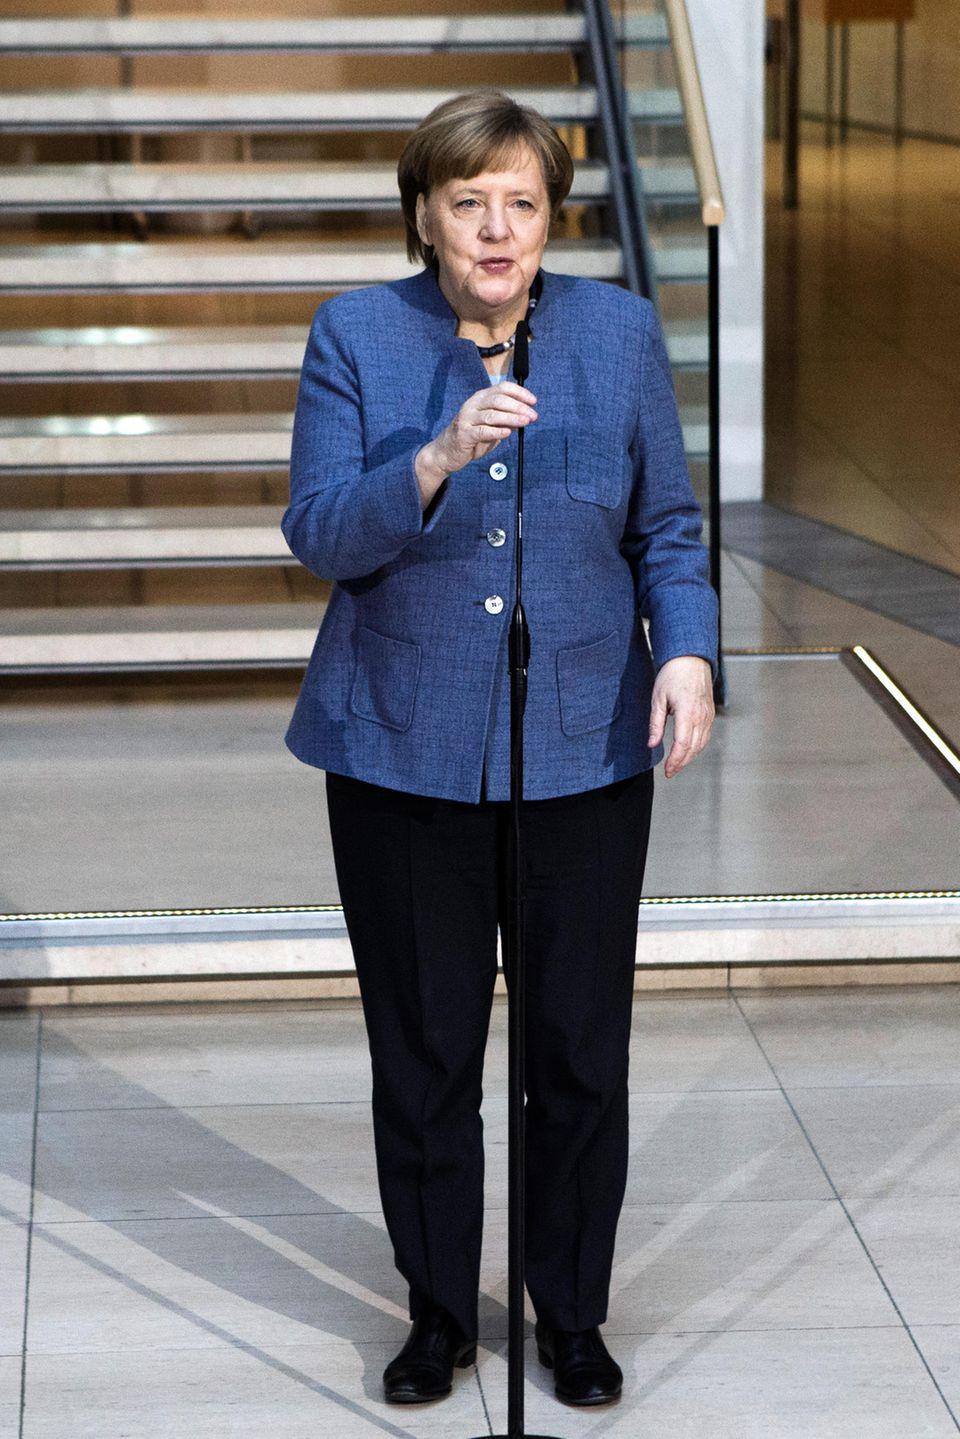 Für Pressekonferenzen, wie beispielsweise dieam 4. Februar 2018 in Berlin, trägt Angela Merkel am liebsten einen Blazer in Kombination miteiner schwarzenStoffhose. Dass sie diese Art von Blazer nicht nur in der Farbe blau besitzt, fällt bei der genaueren Style-Analyse schnell auf.